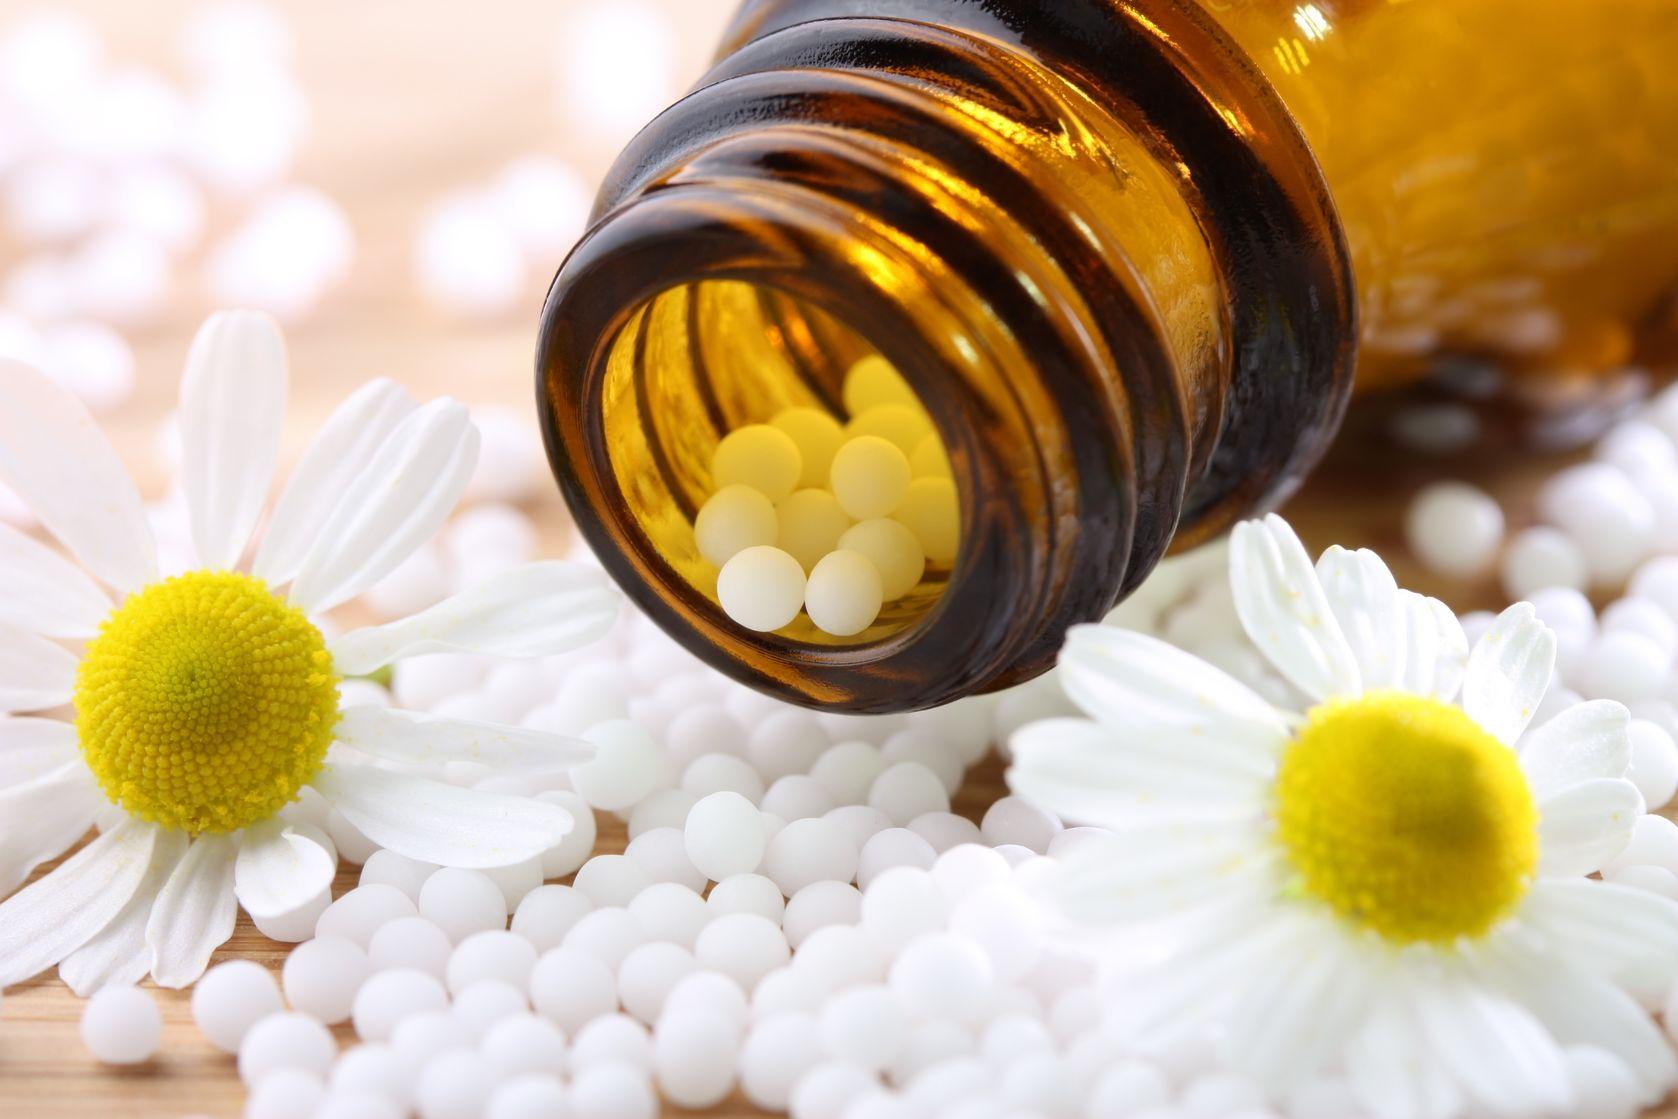 medicina natural alternativa